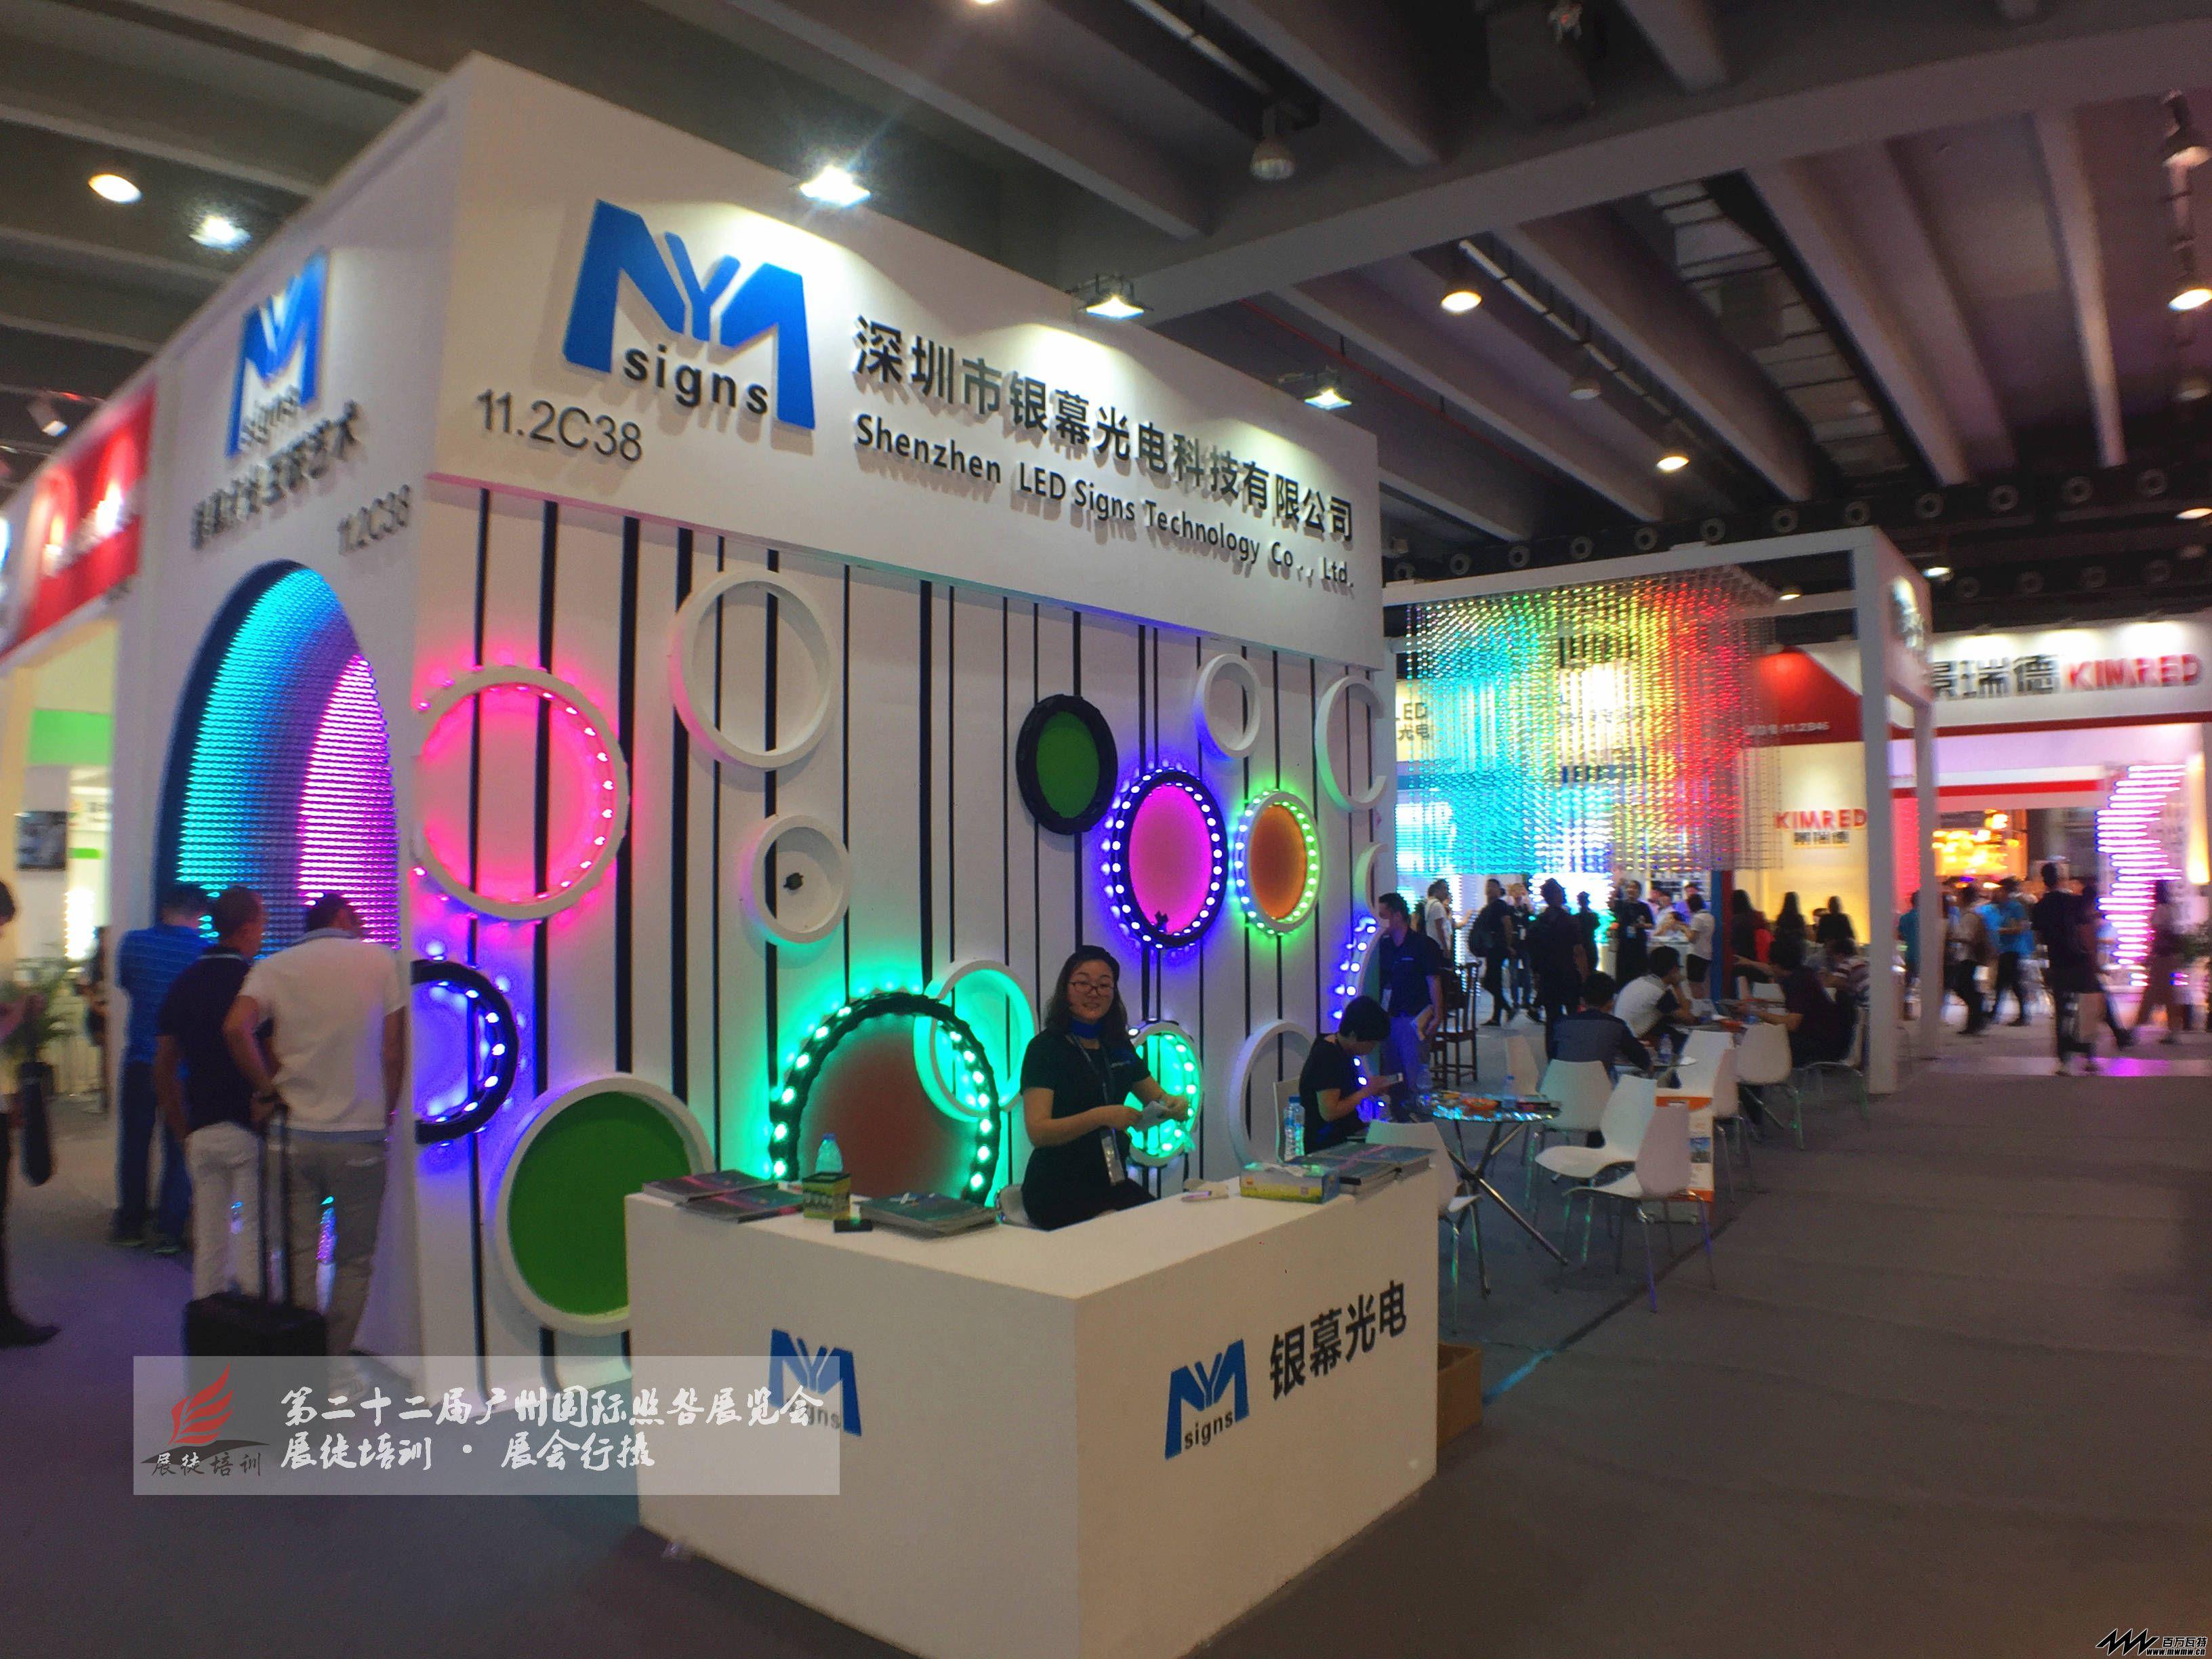 第二十二届广州国际照明展览会-展徒培训·展会行摄 (12).jpg